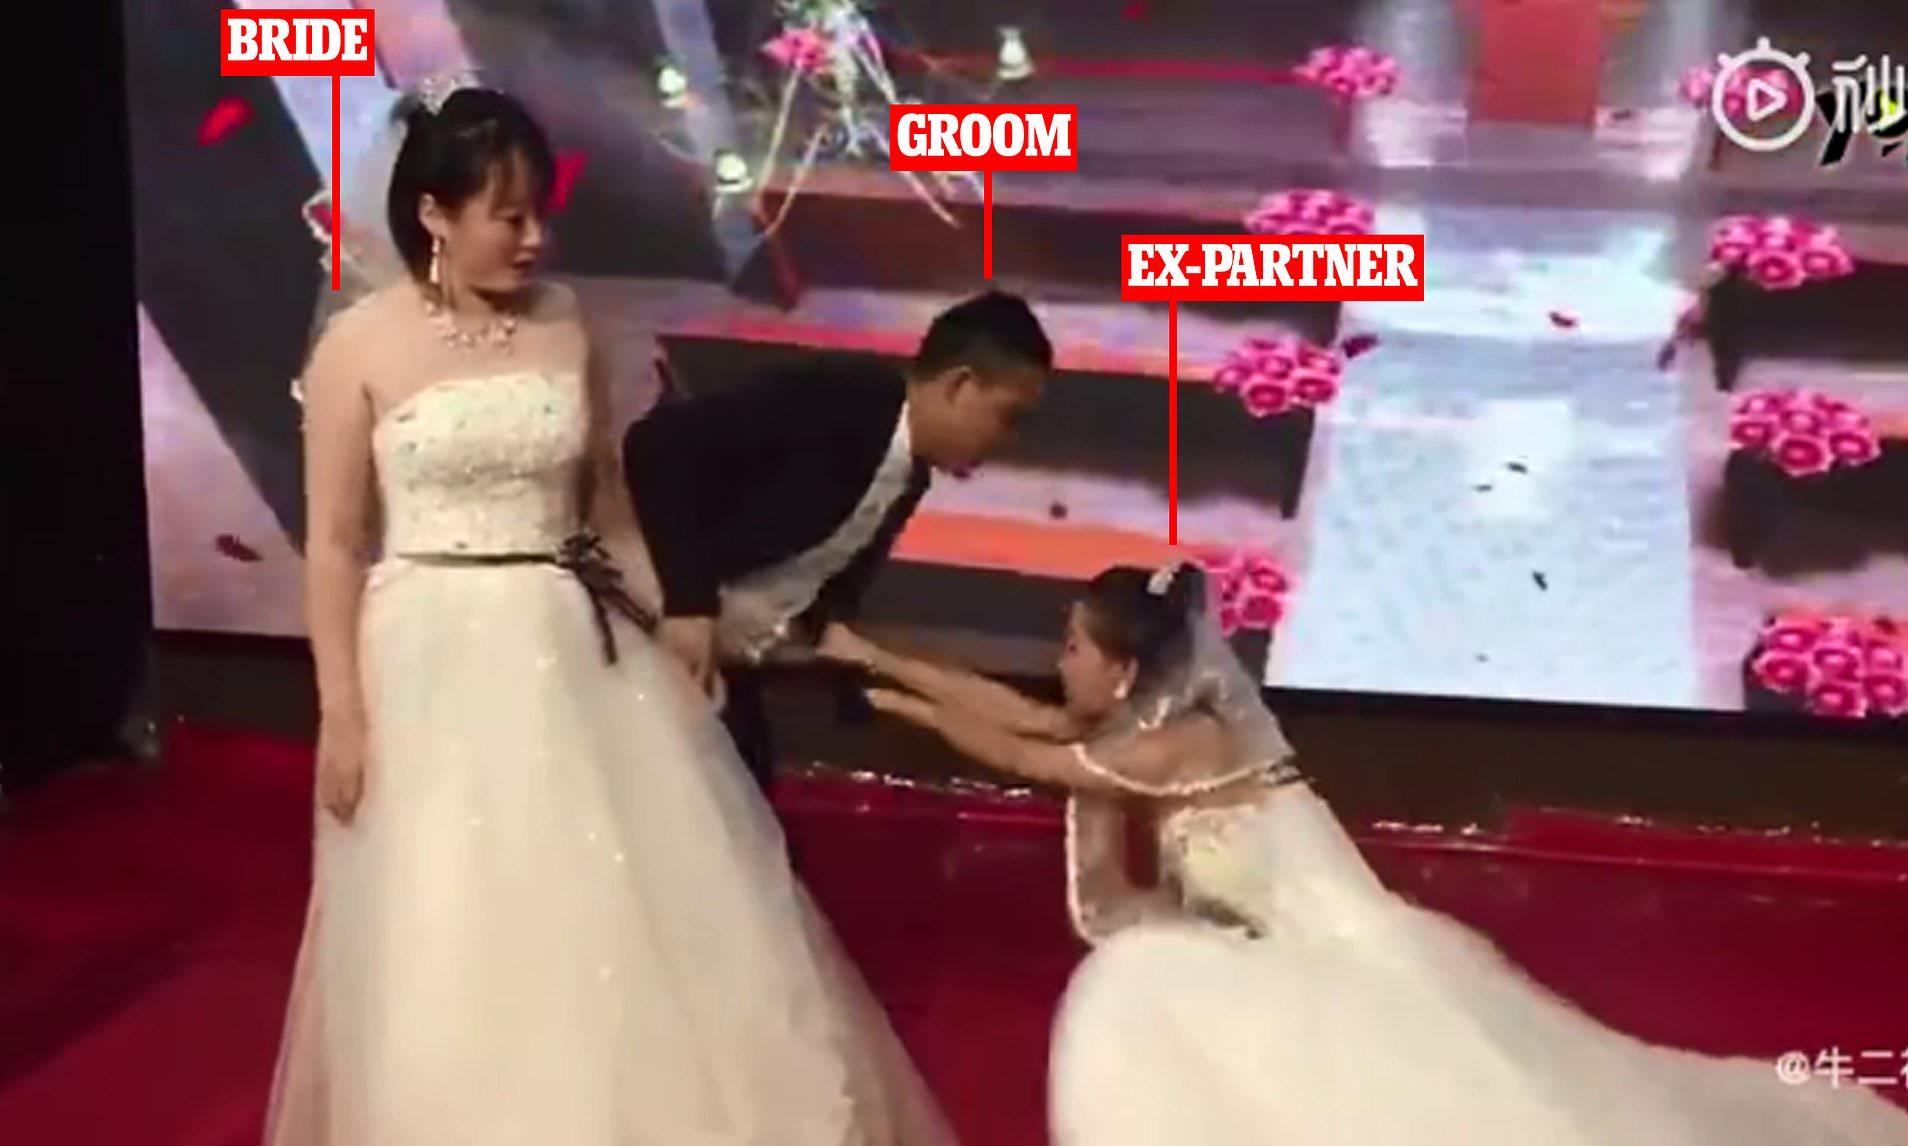 نامزد سابق مرد جوان با لباس عروسی به مراسم ازدواج او آمد!